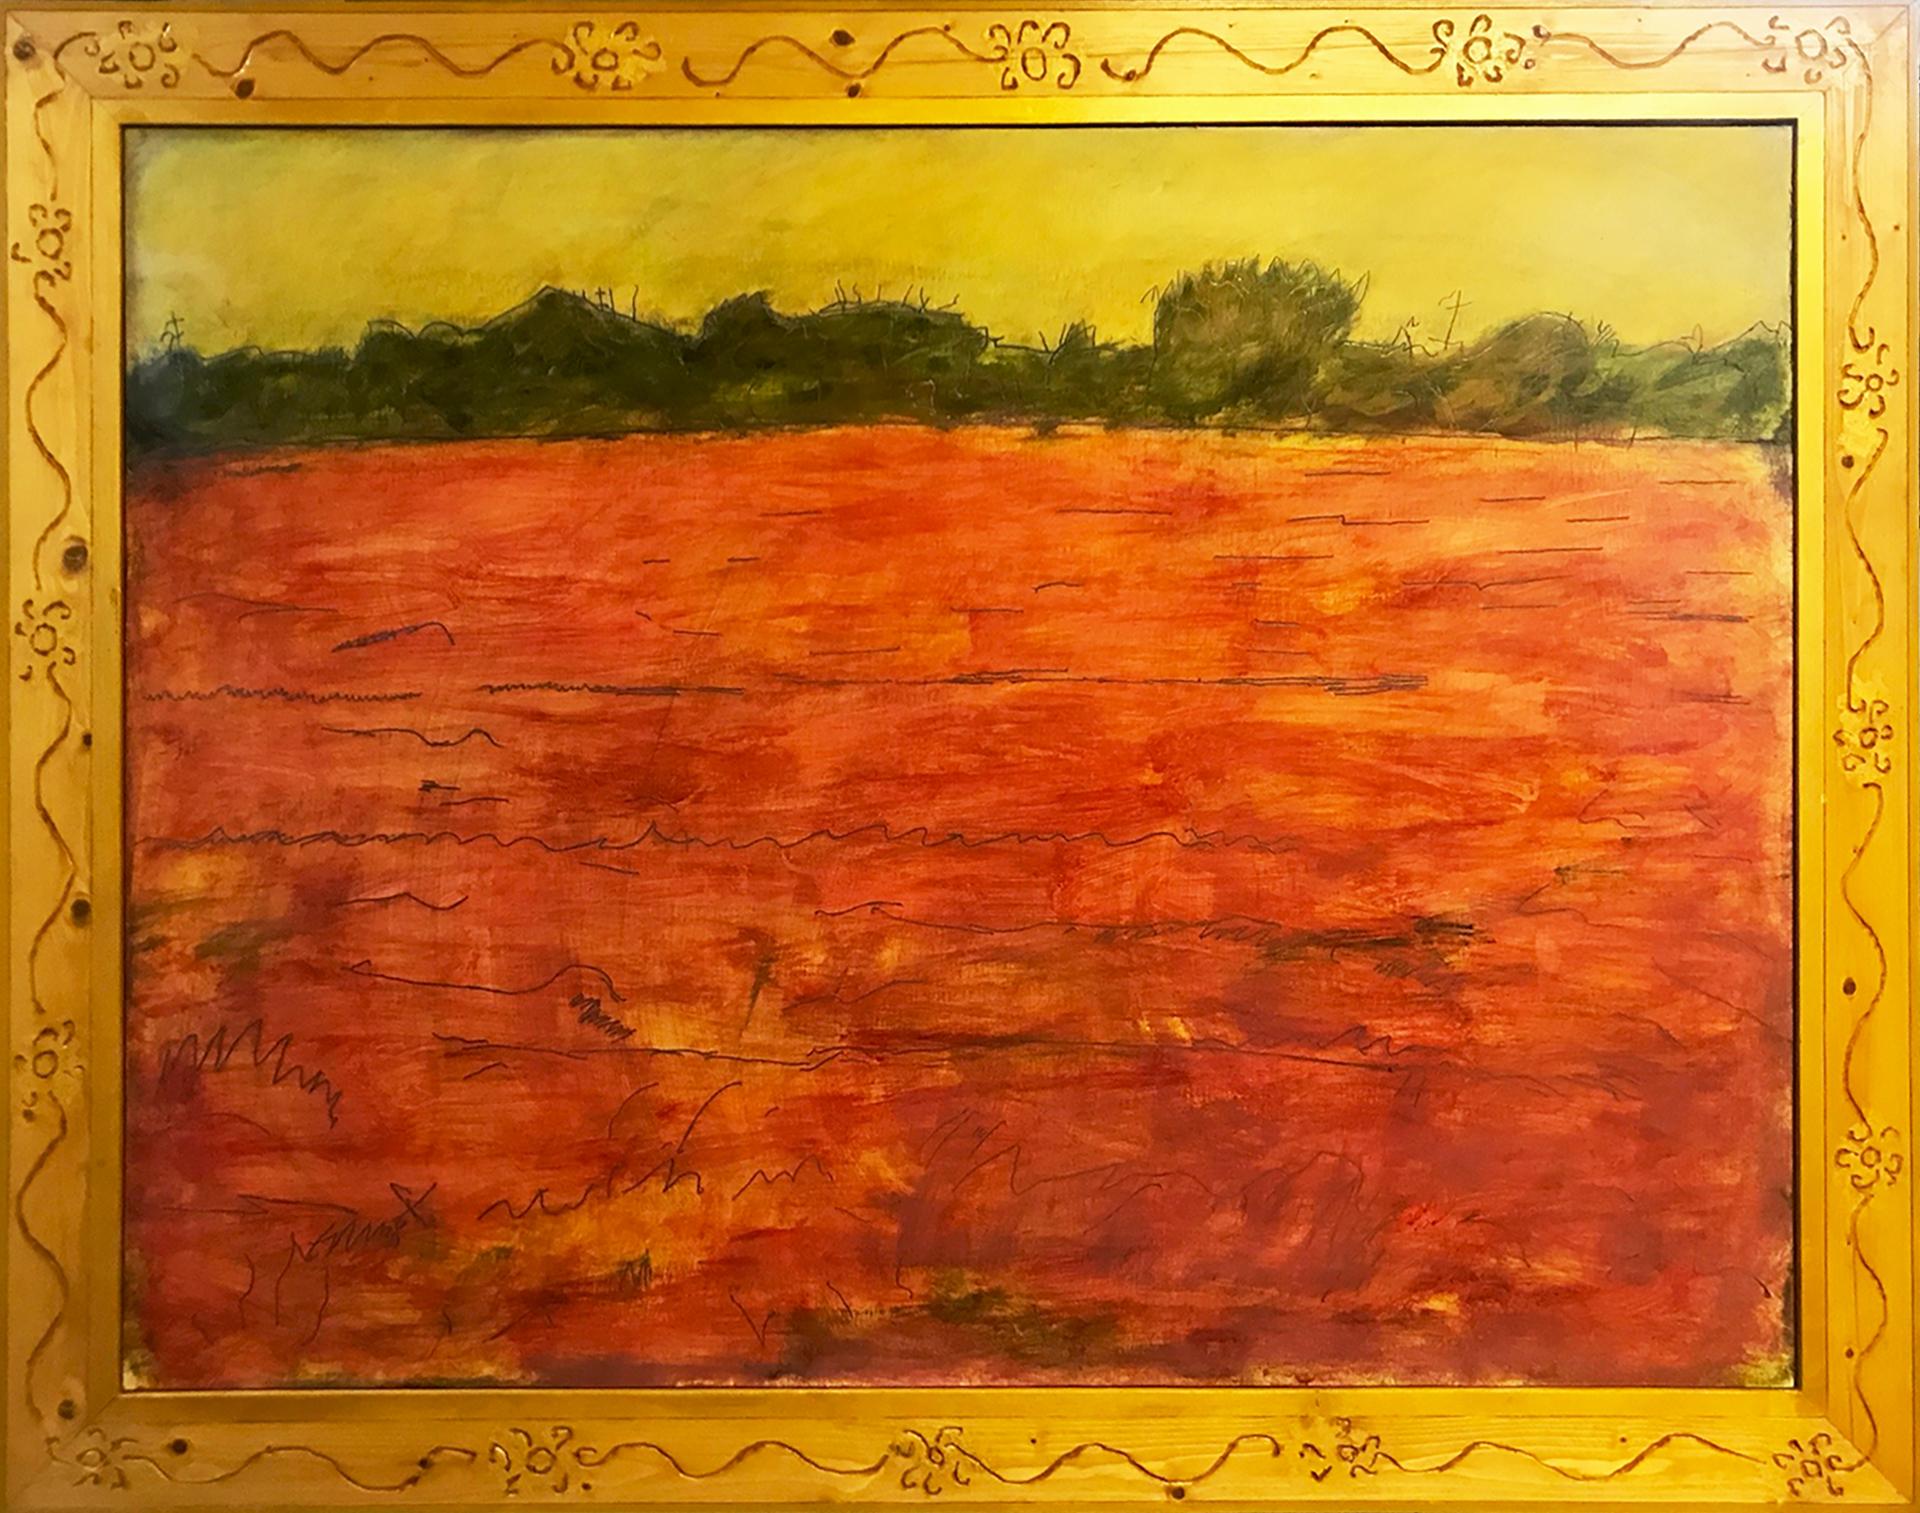 Red Grass by Robert Richter